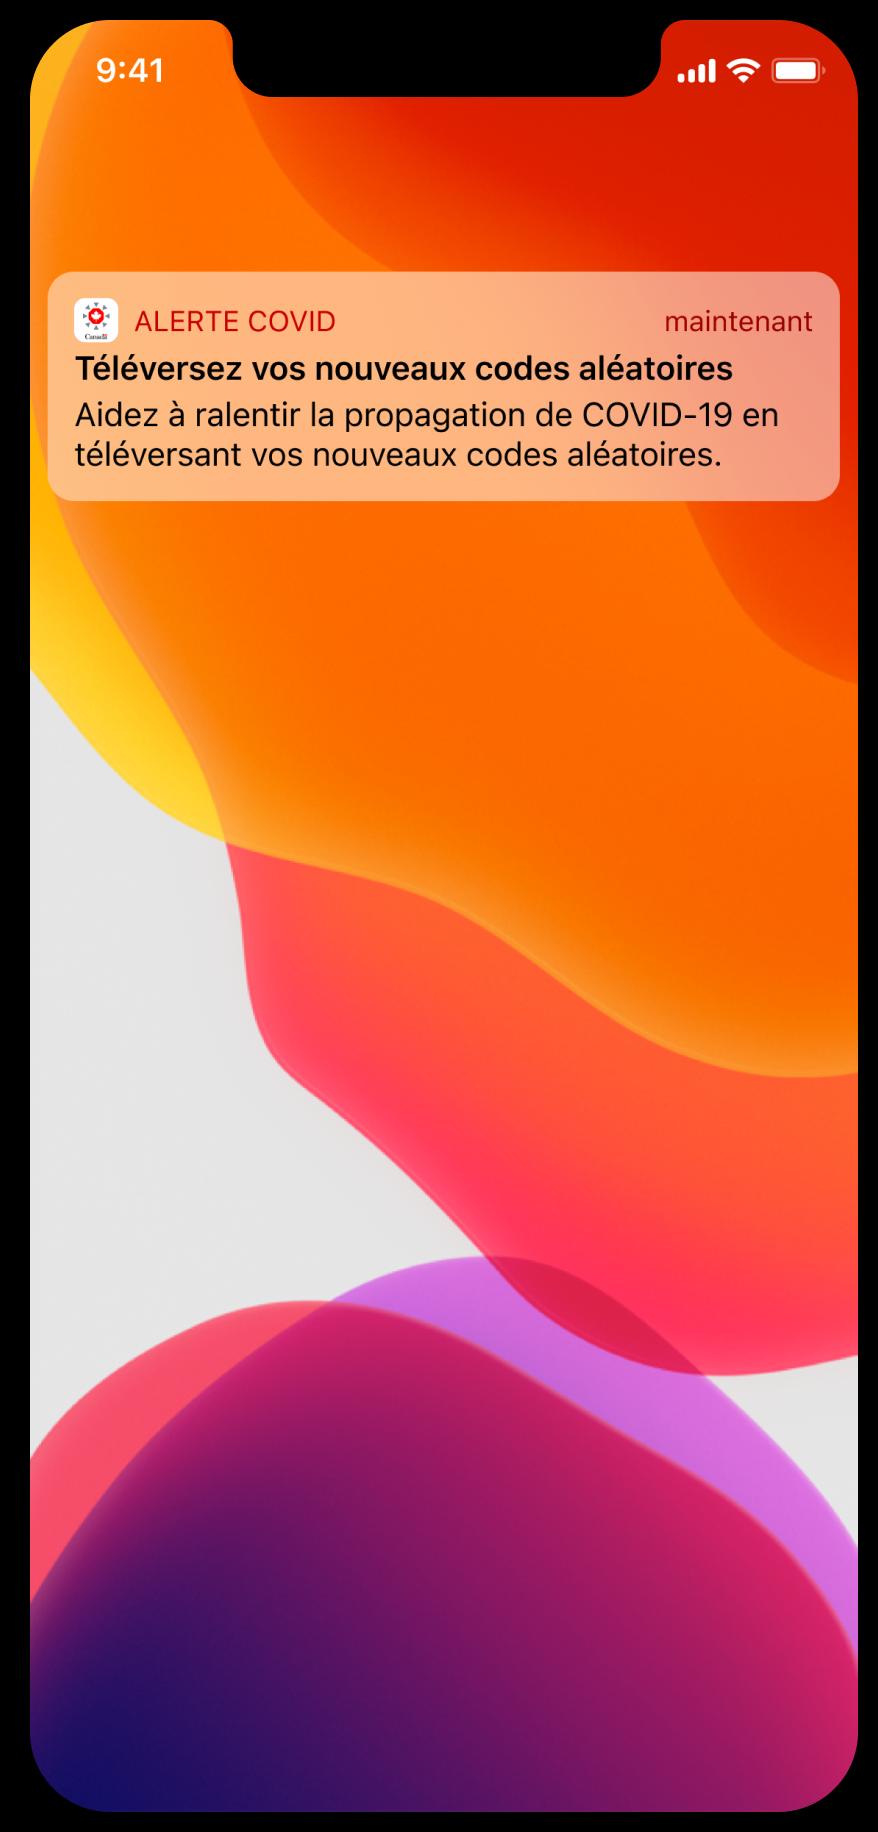 Saisie d'écran d'une notification directe dans un cadre d'appareil iPhone qui dit « Vous avez été exposé. Vous avez eu un contact étroit avec une personne qui a signalé un diagnostic de COVID-19 au moyen de l'application. Informez-vous sur les étapes à suivre.»